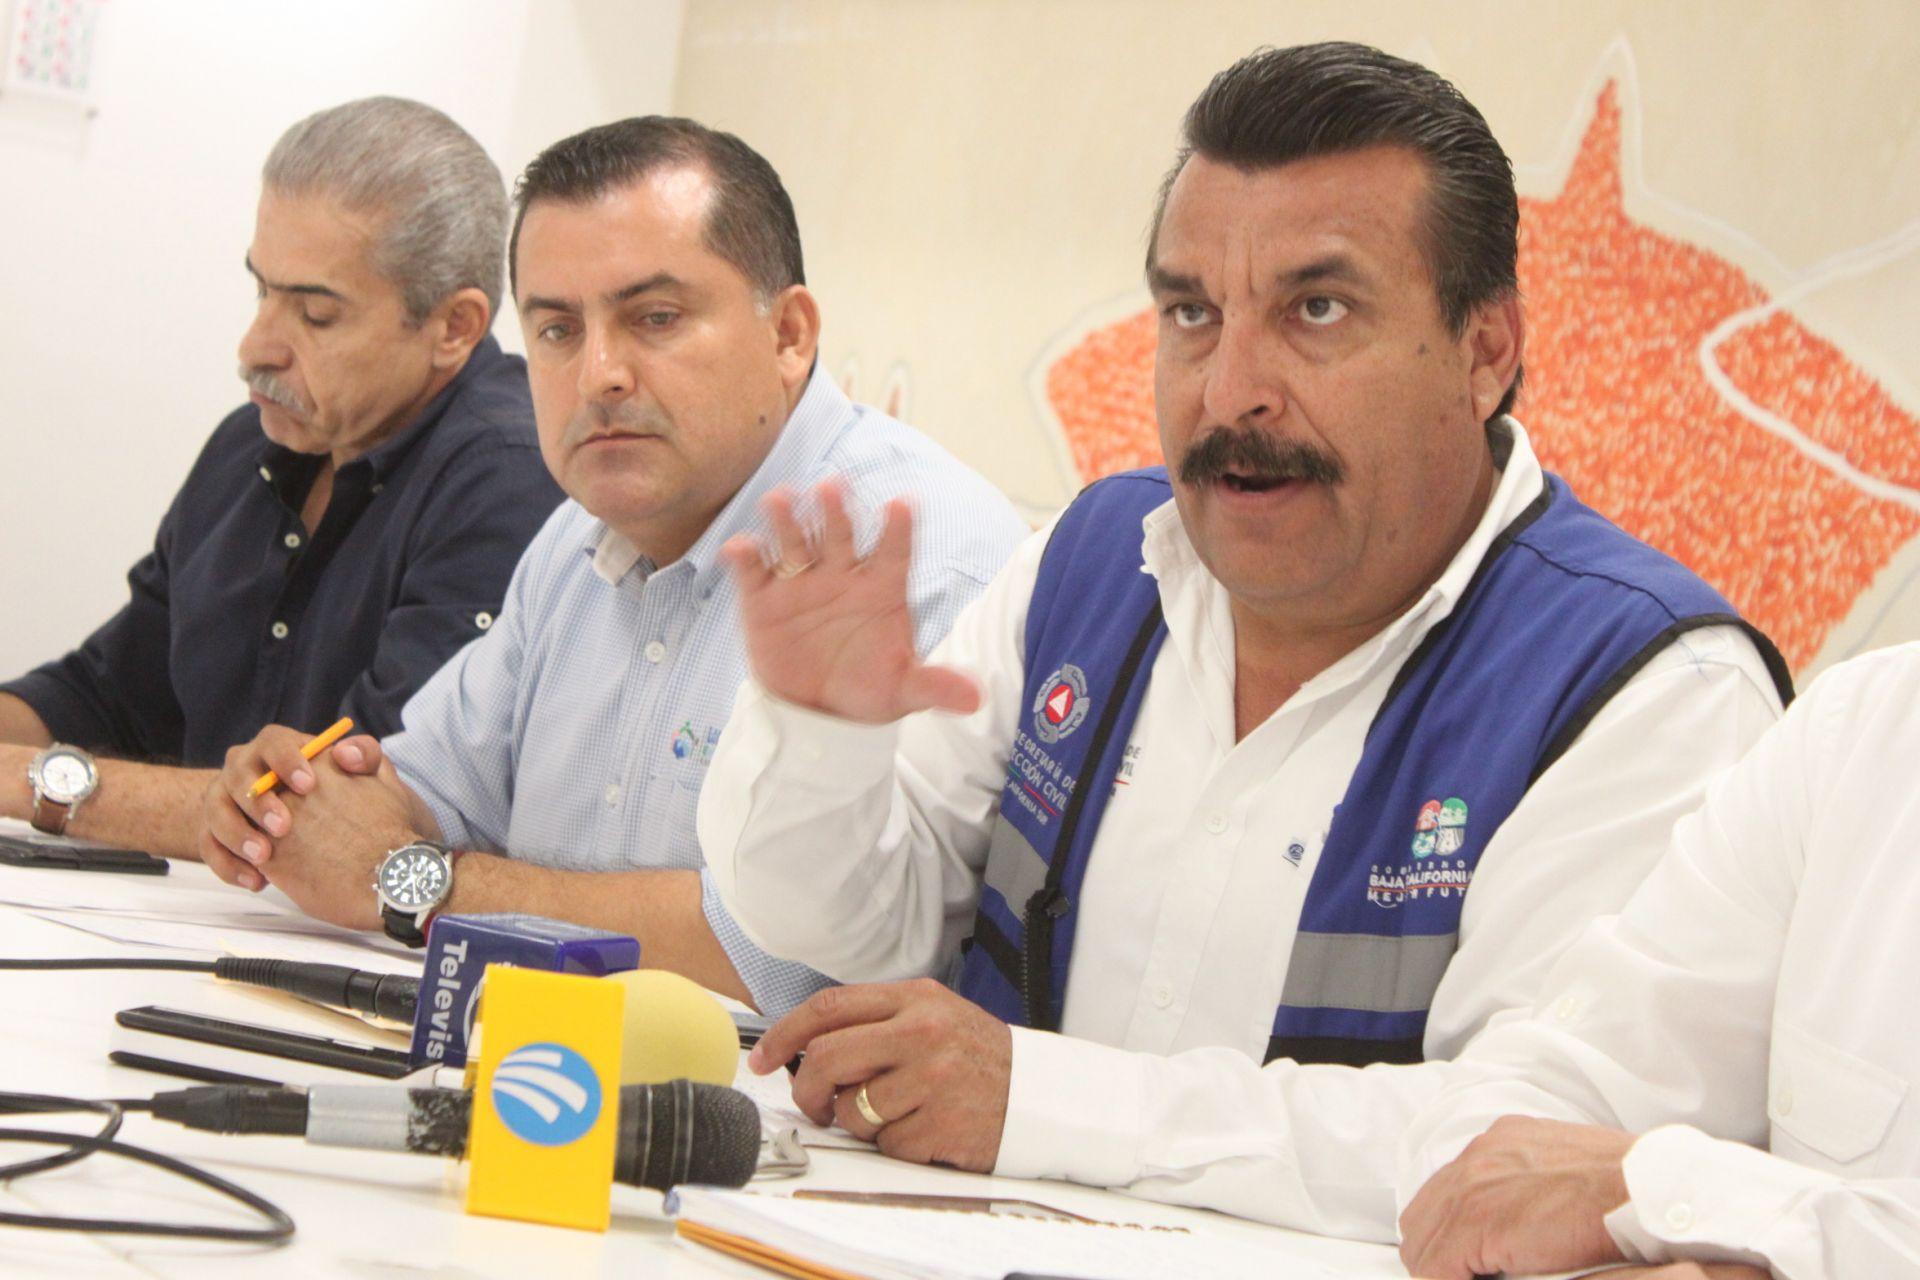 Carlos Alfredo Godinez, Subsecretario de Protección Civil